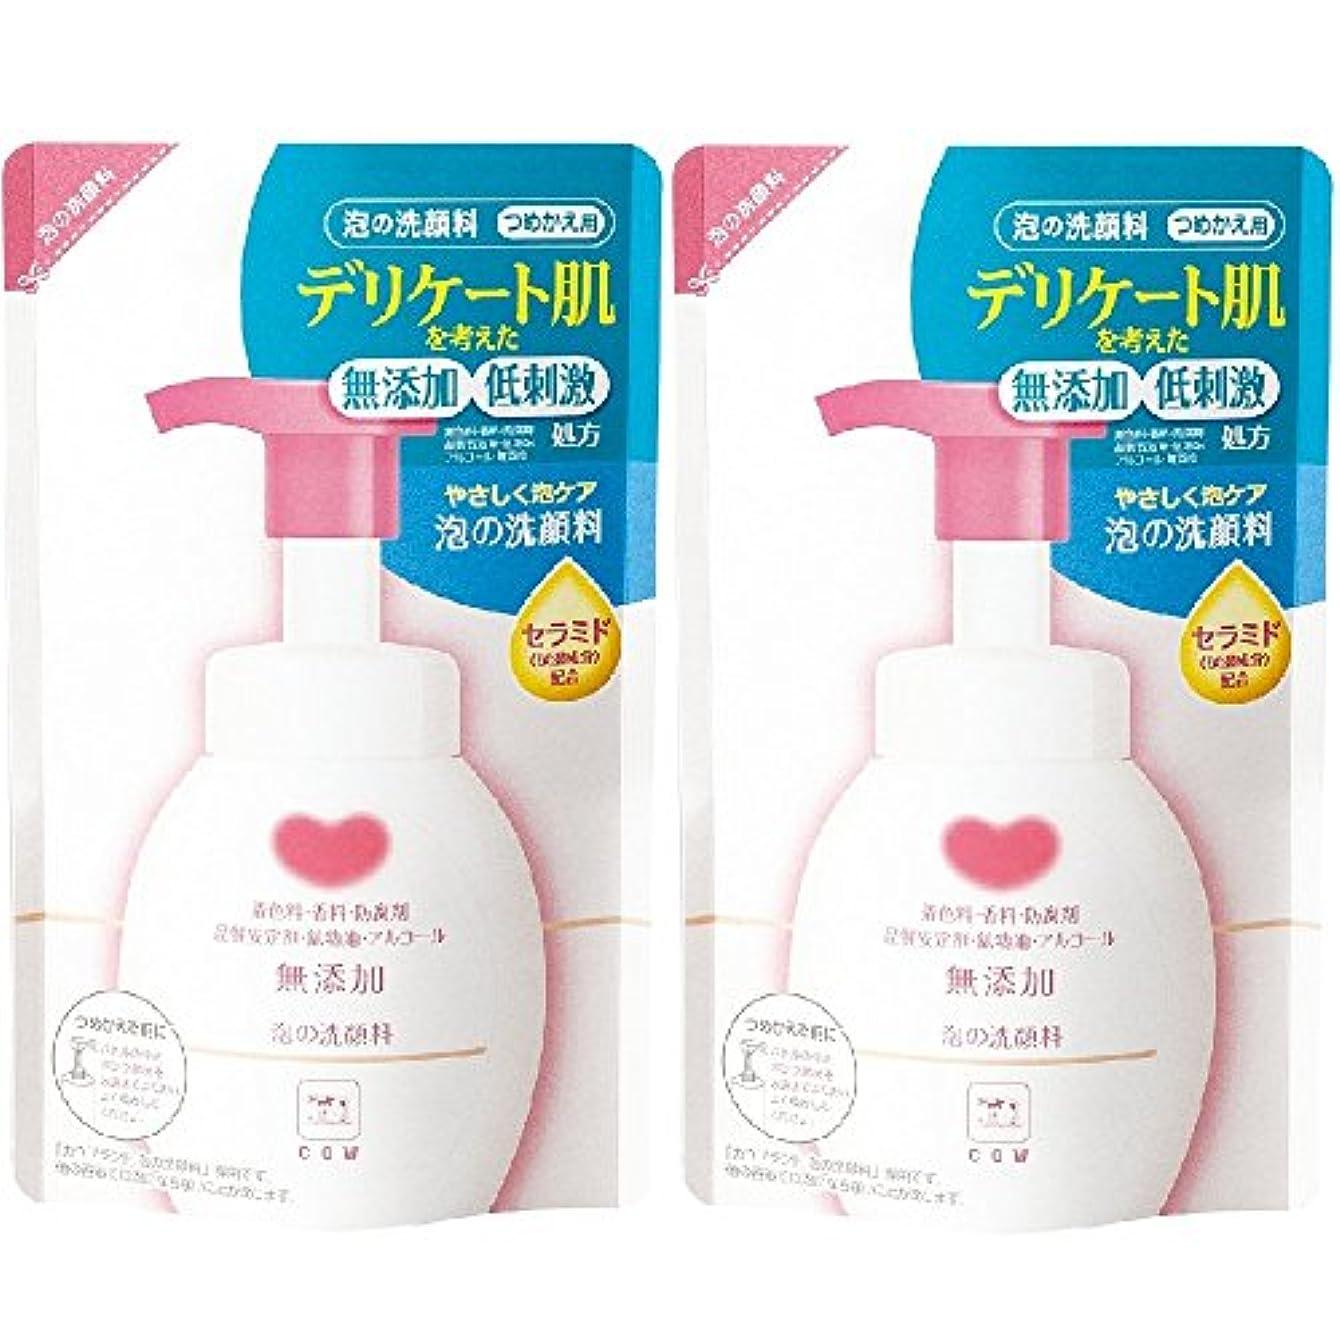 内訳弁護人ダーベビルのテスカウブランド 無添加 泡の洗顔料 詰替用 2個組 (180mL×2個)